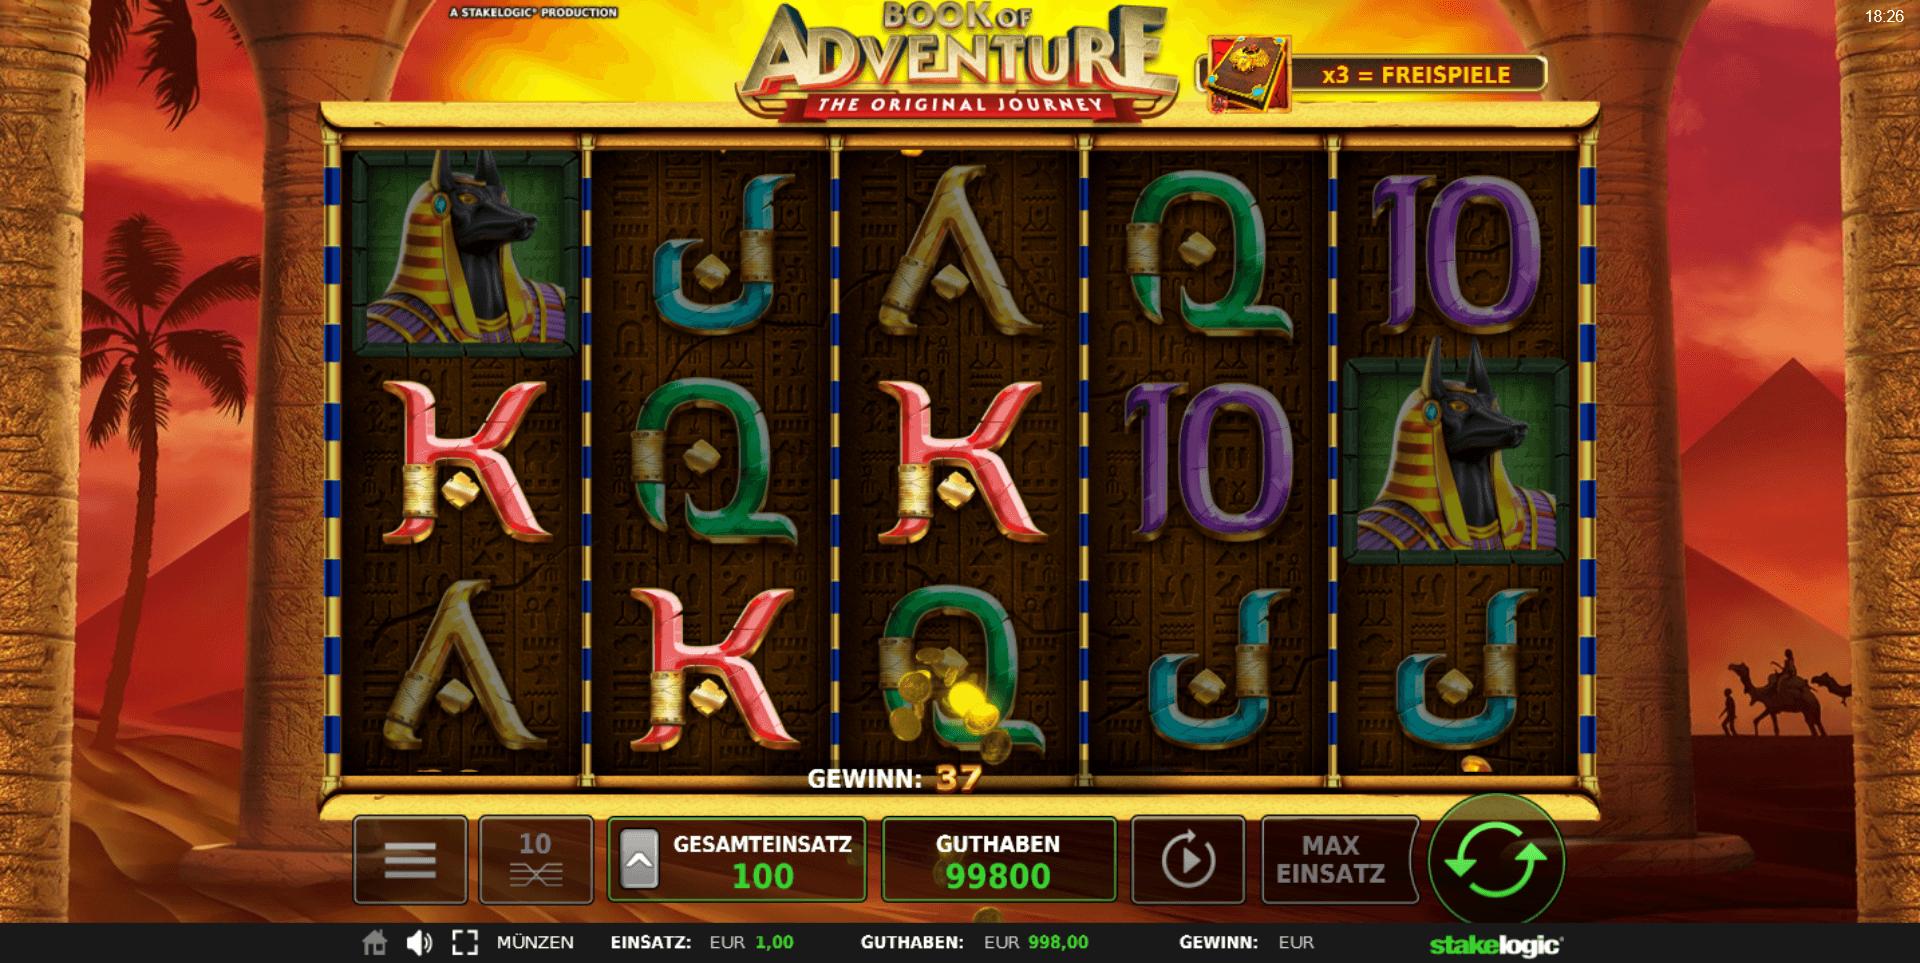 Book of Adventure online